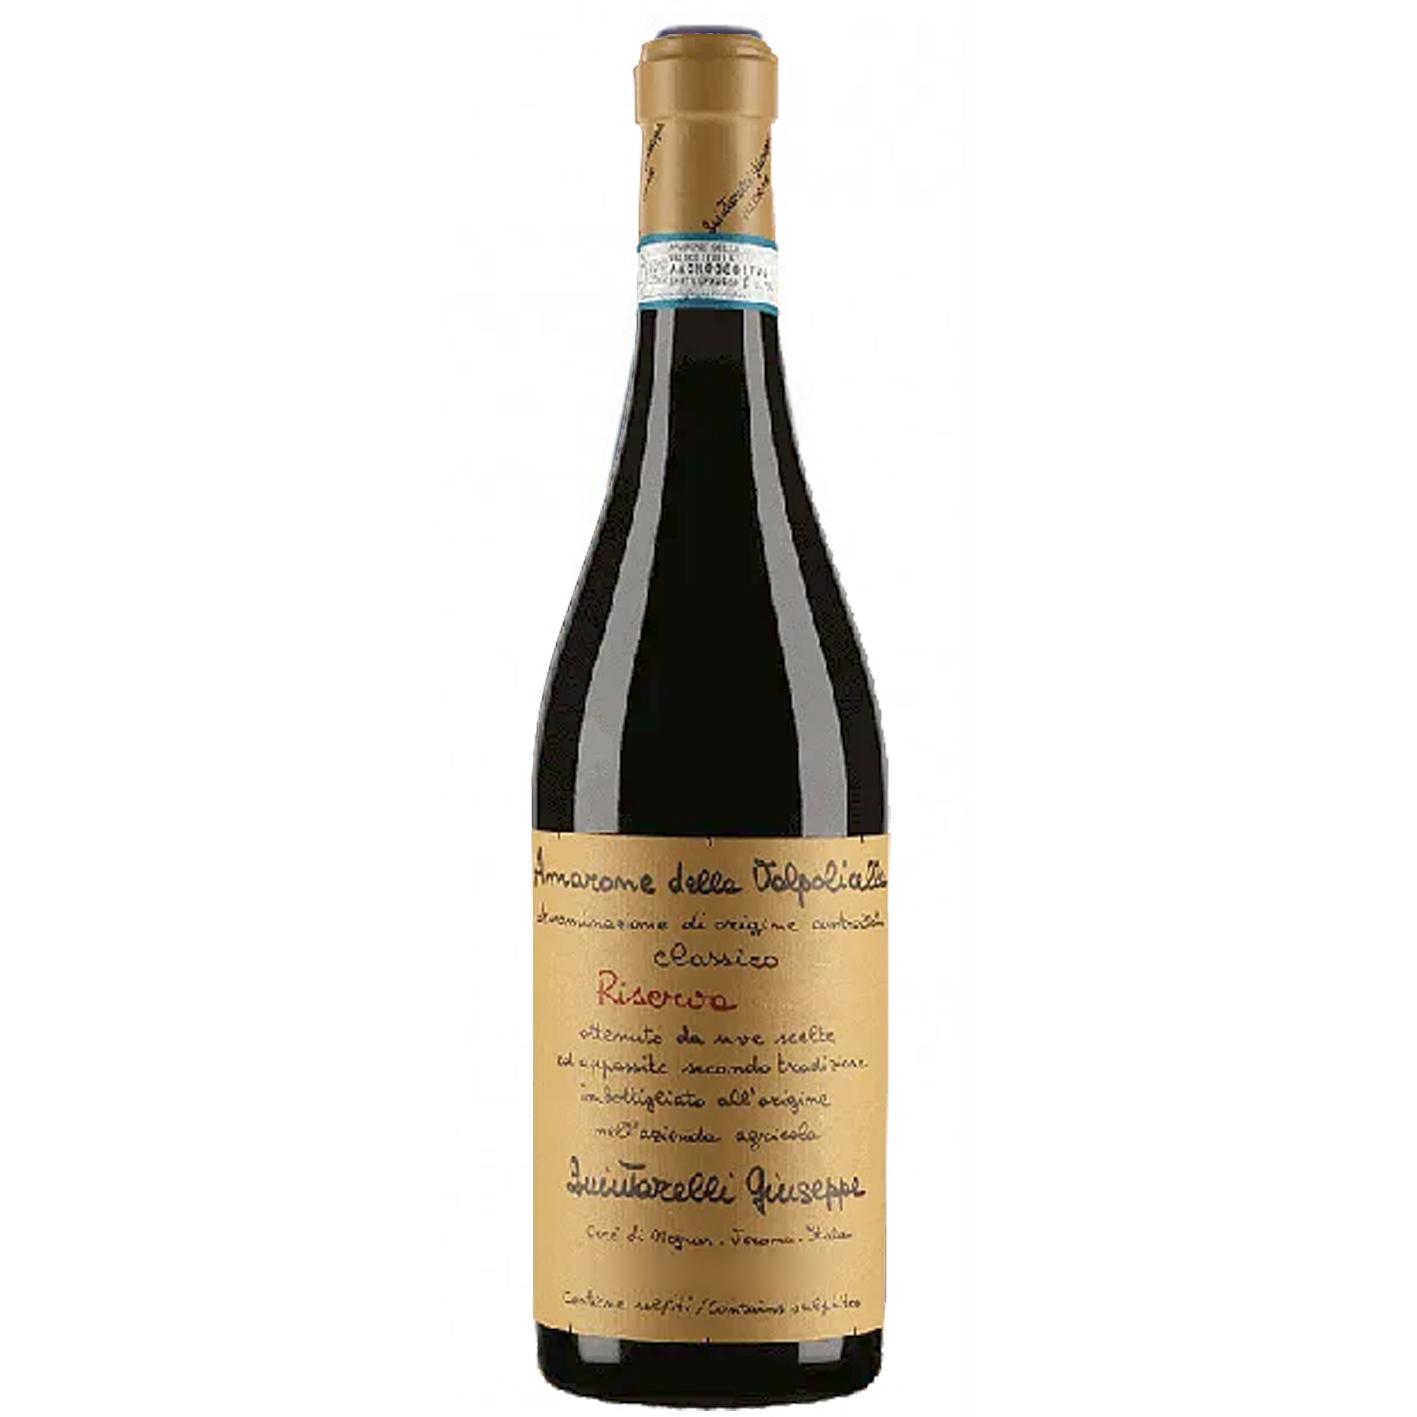 Amarone della Valpolicella Classico -Riserva - DOCG - Domaine Giuseppe Quintarelli - 2012